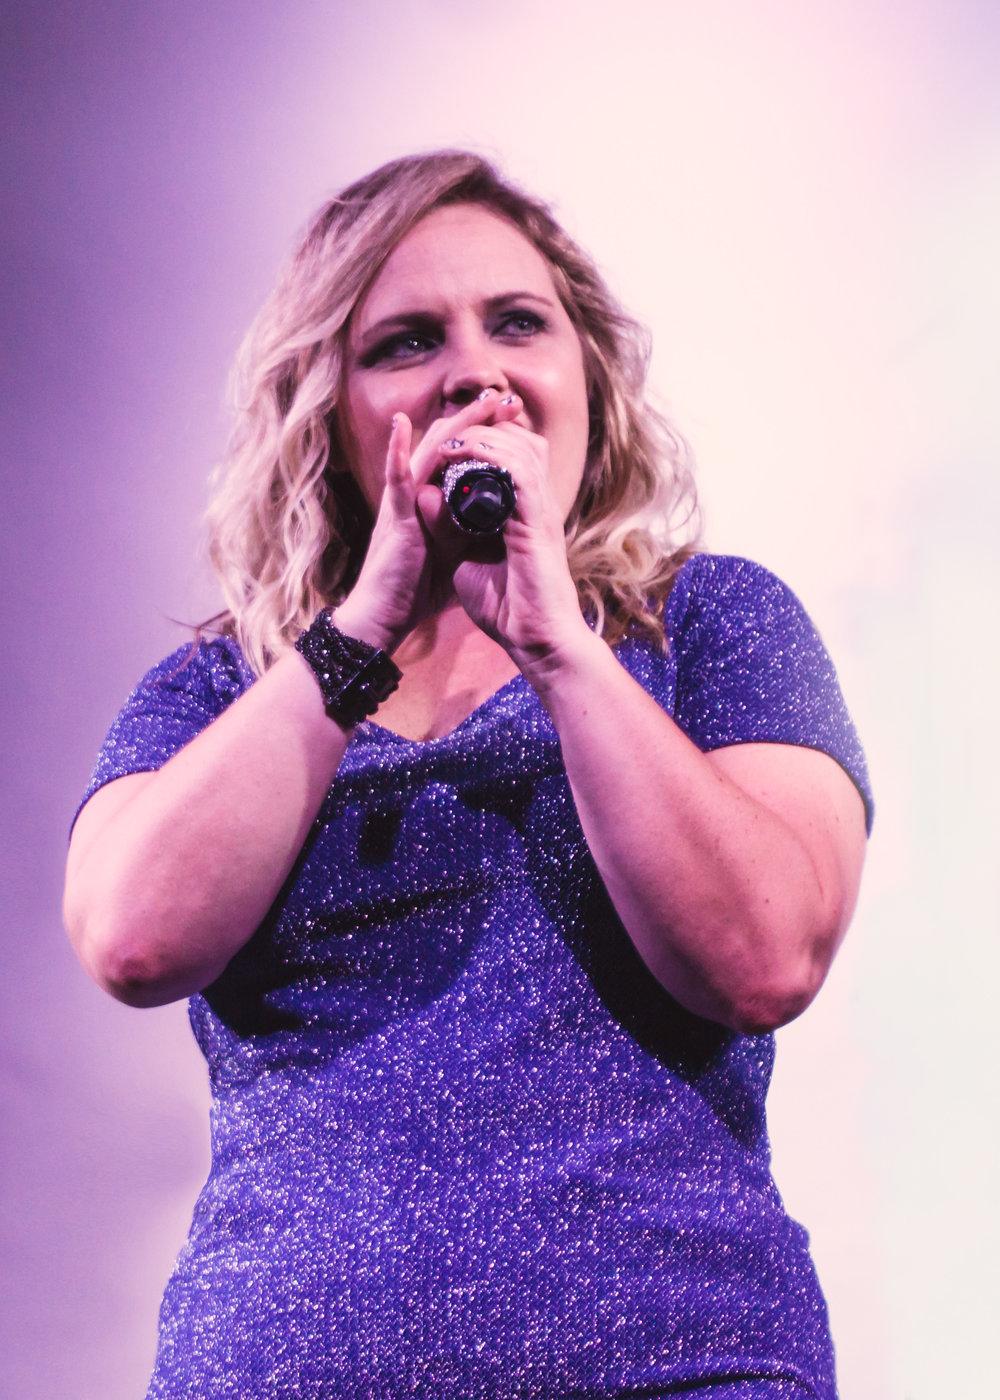 Samantha Russell - Vocals